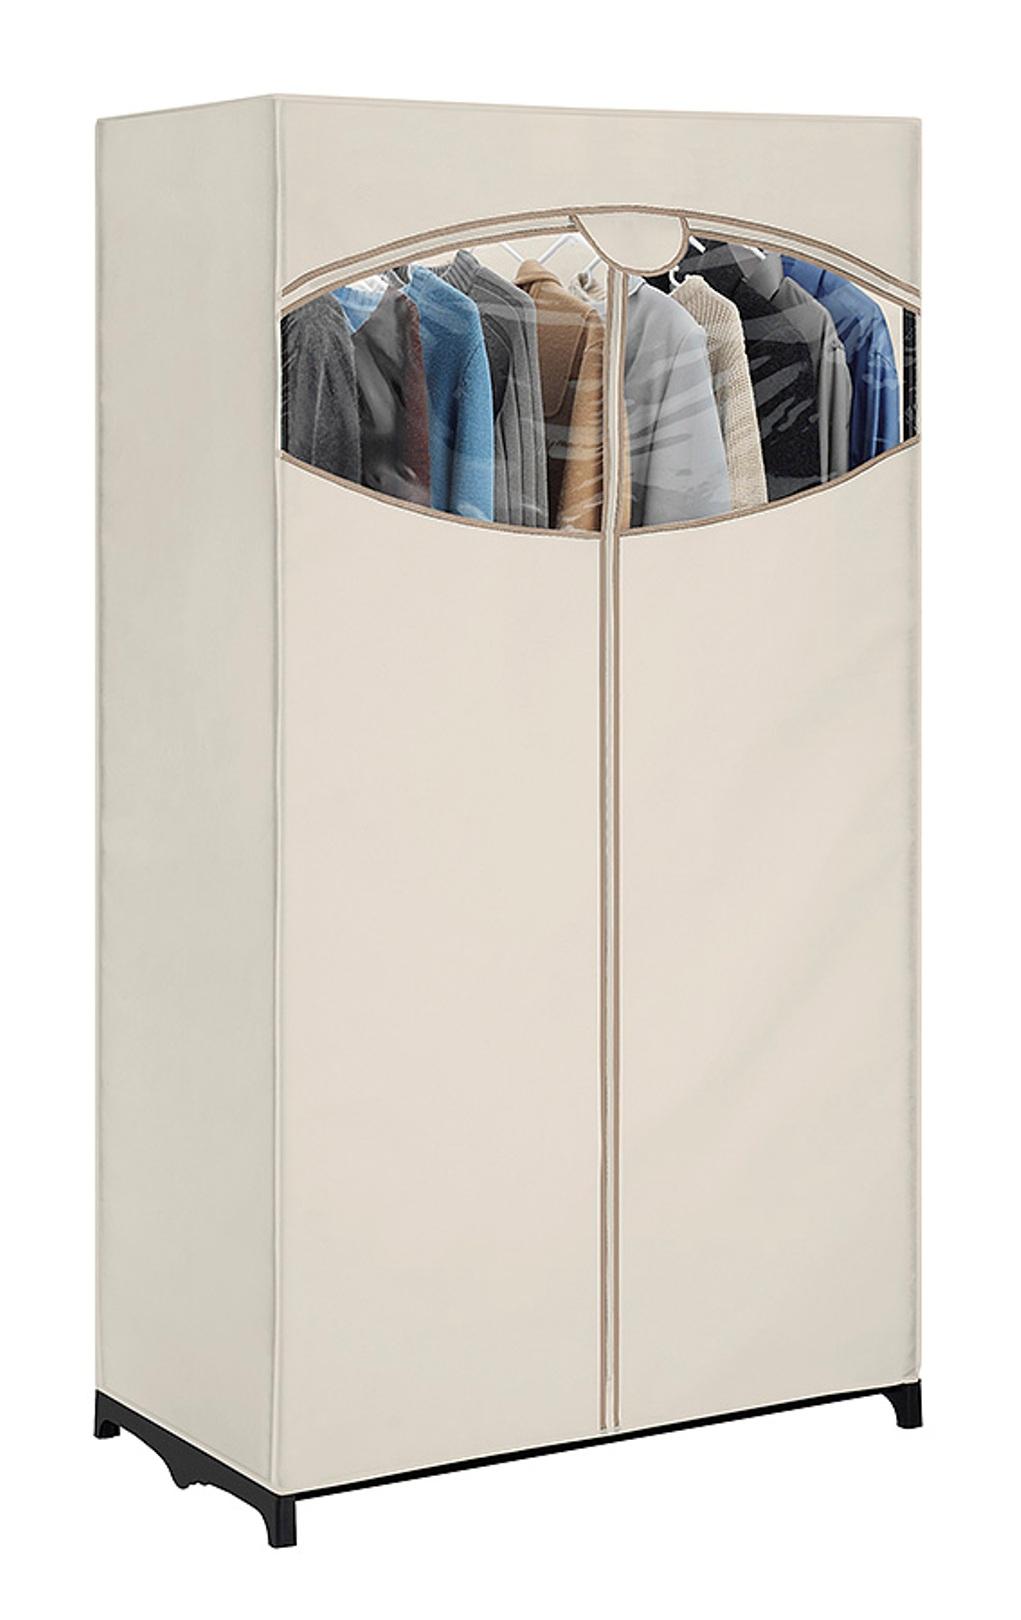 portable closet essential home portable clothes closet - home - storage u0026 organization - YDXJZAN